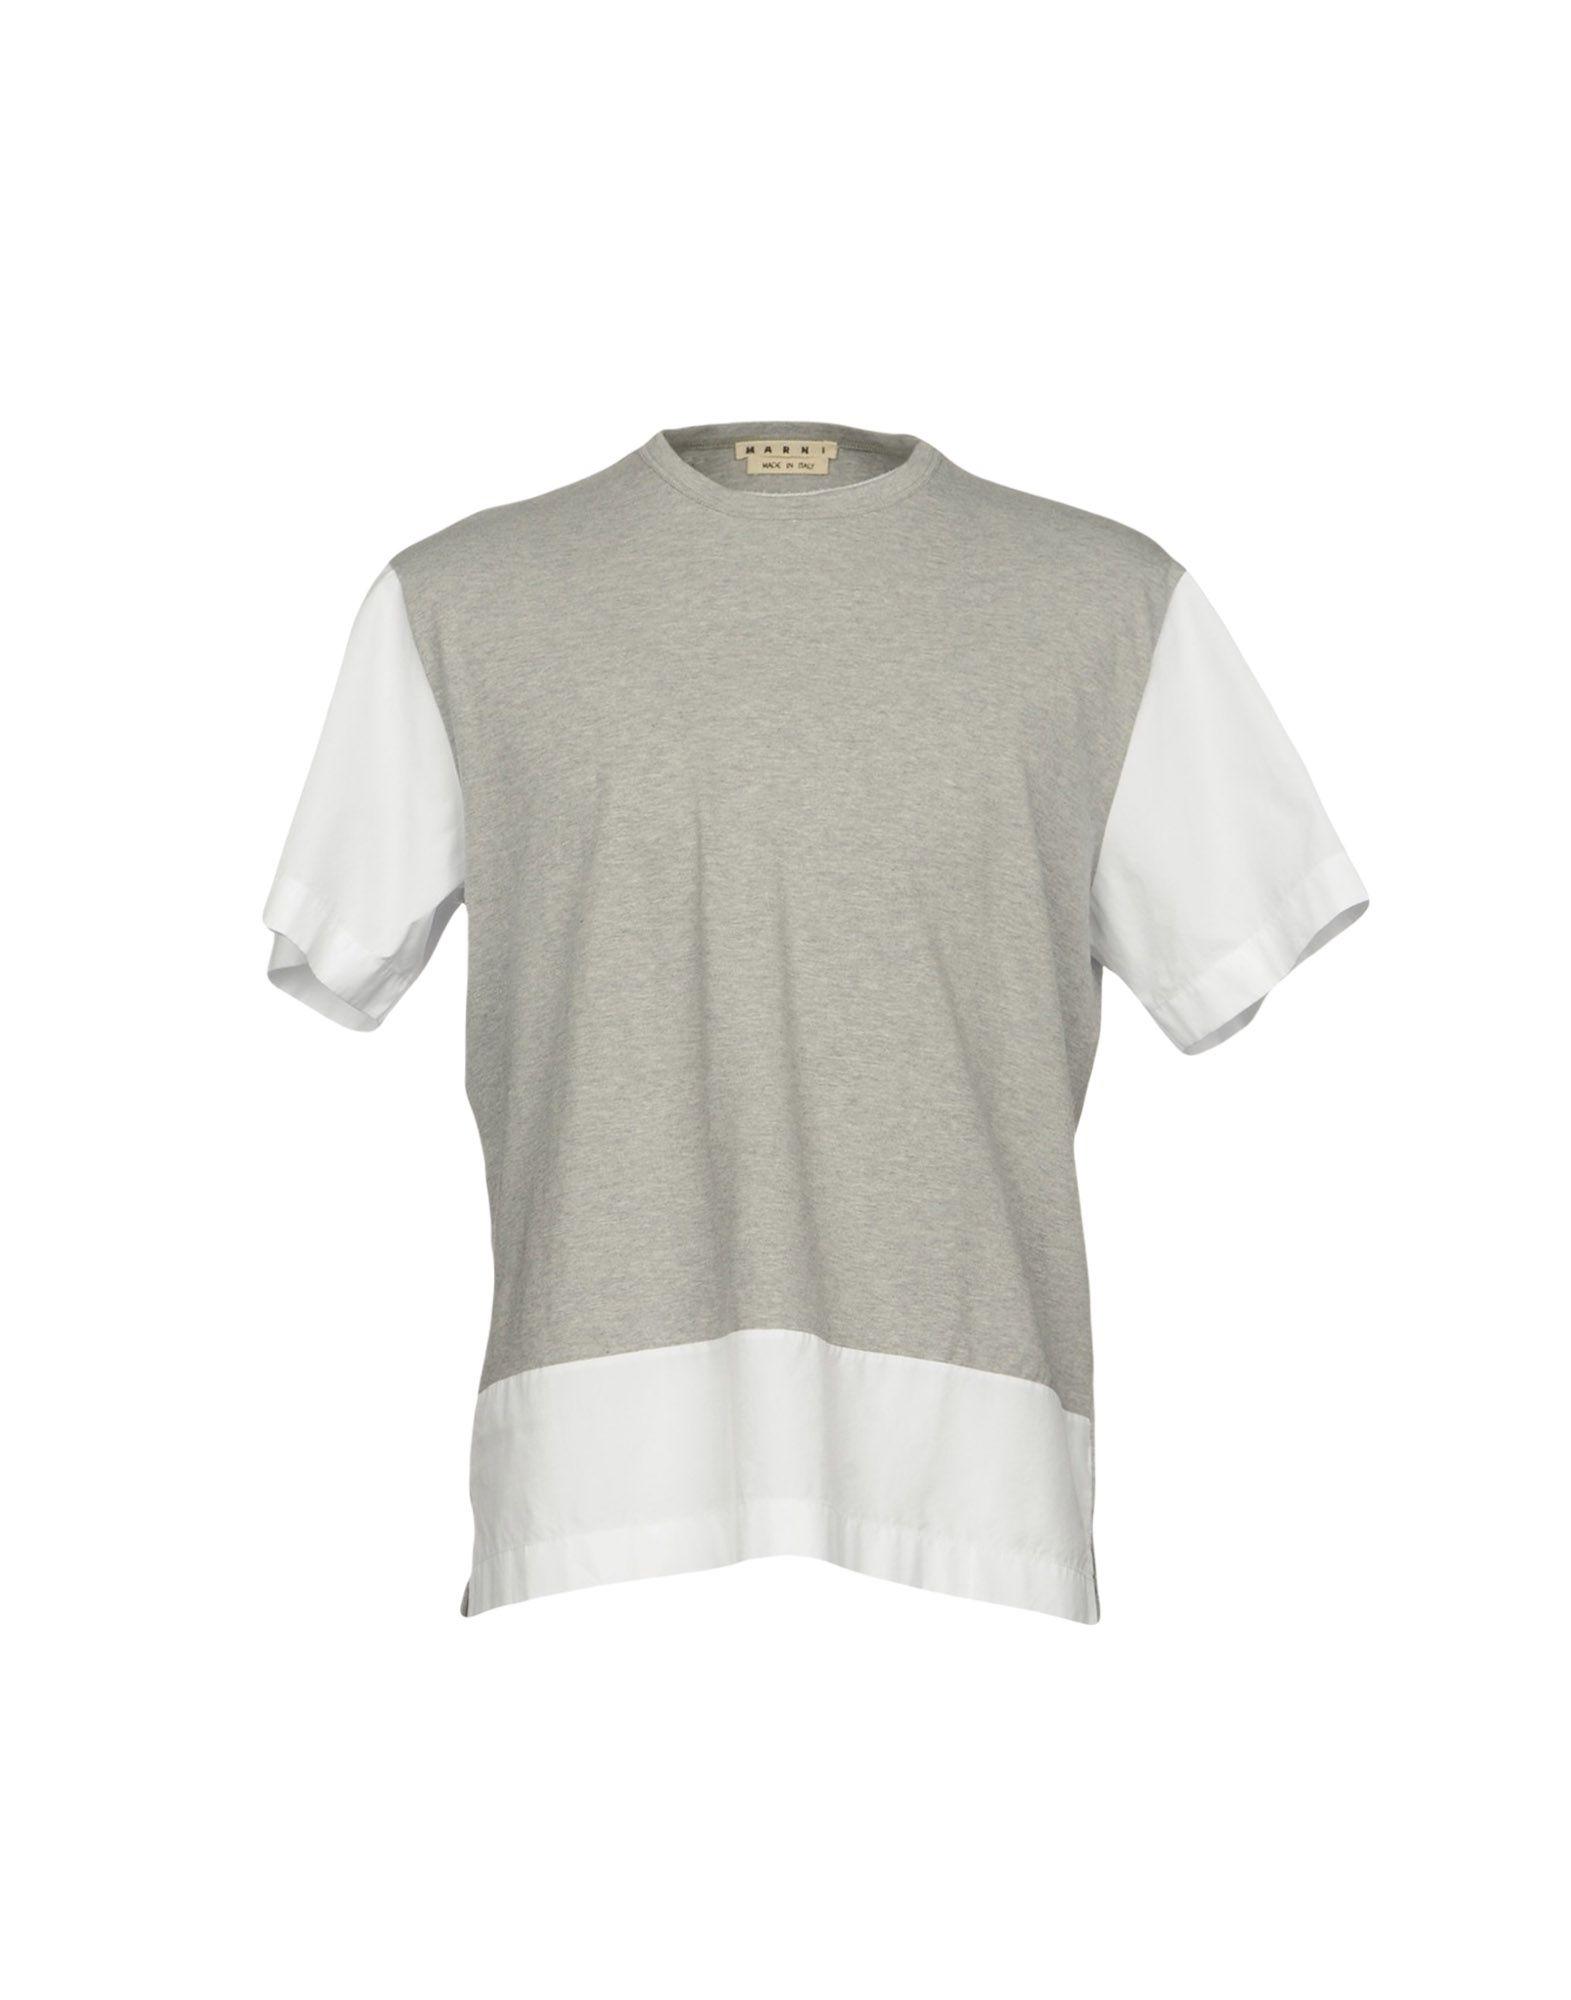 MARNI Herren T-shirts Farbe Hellgrau Größe 6 - broschei